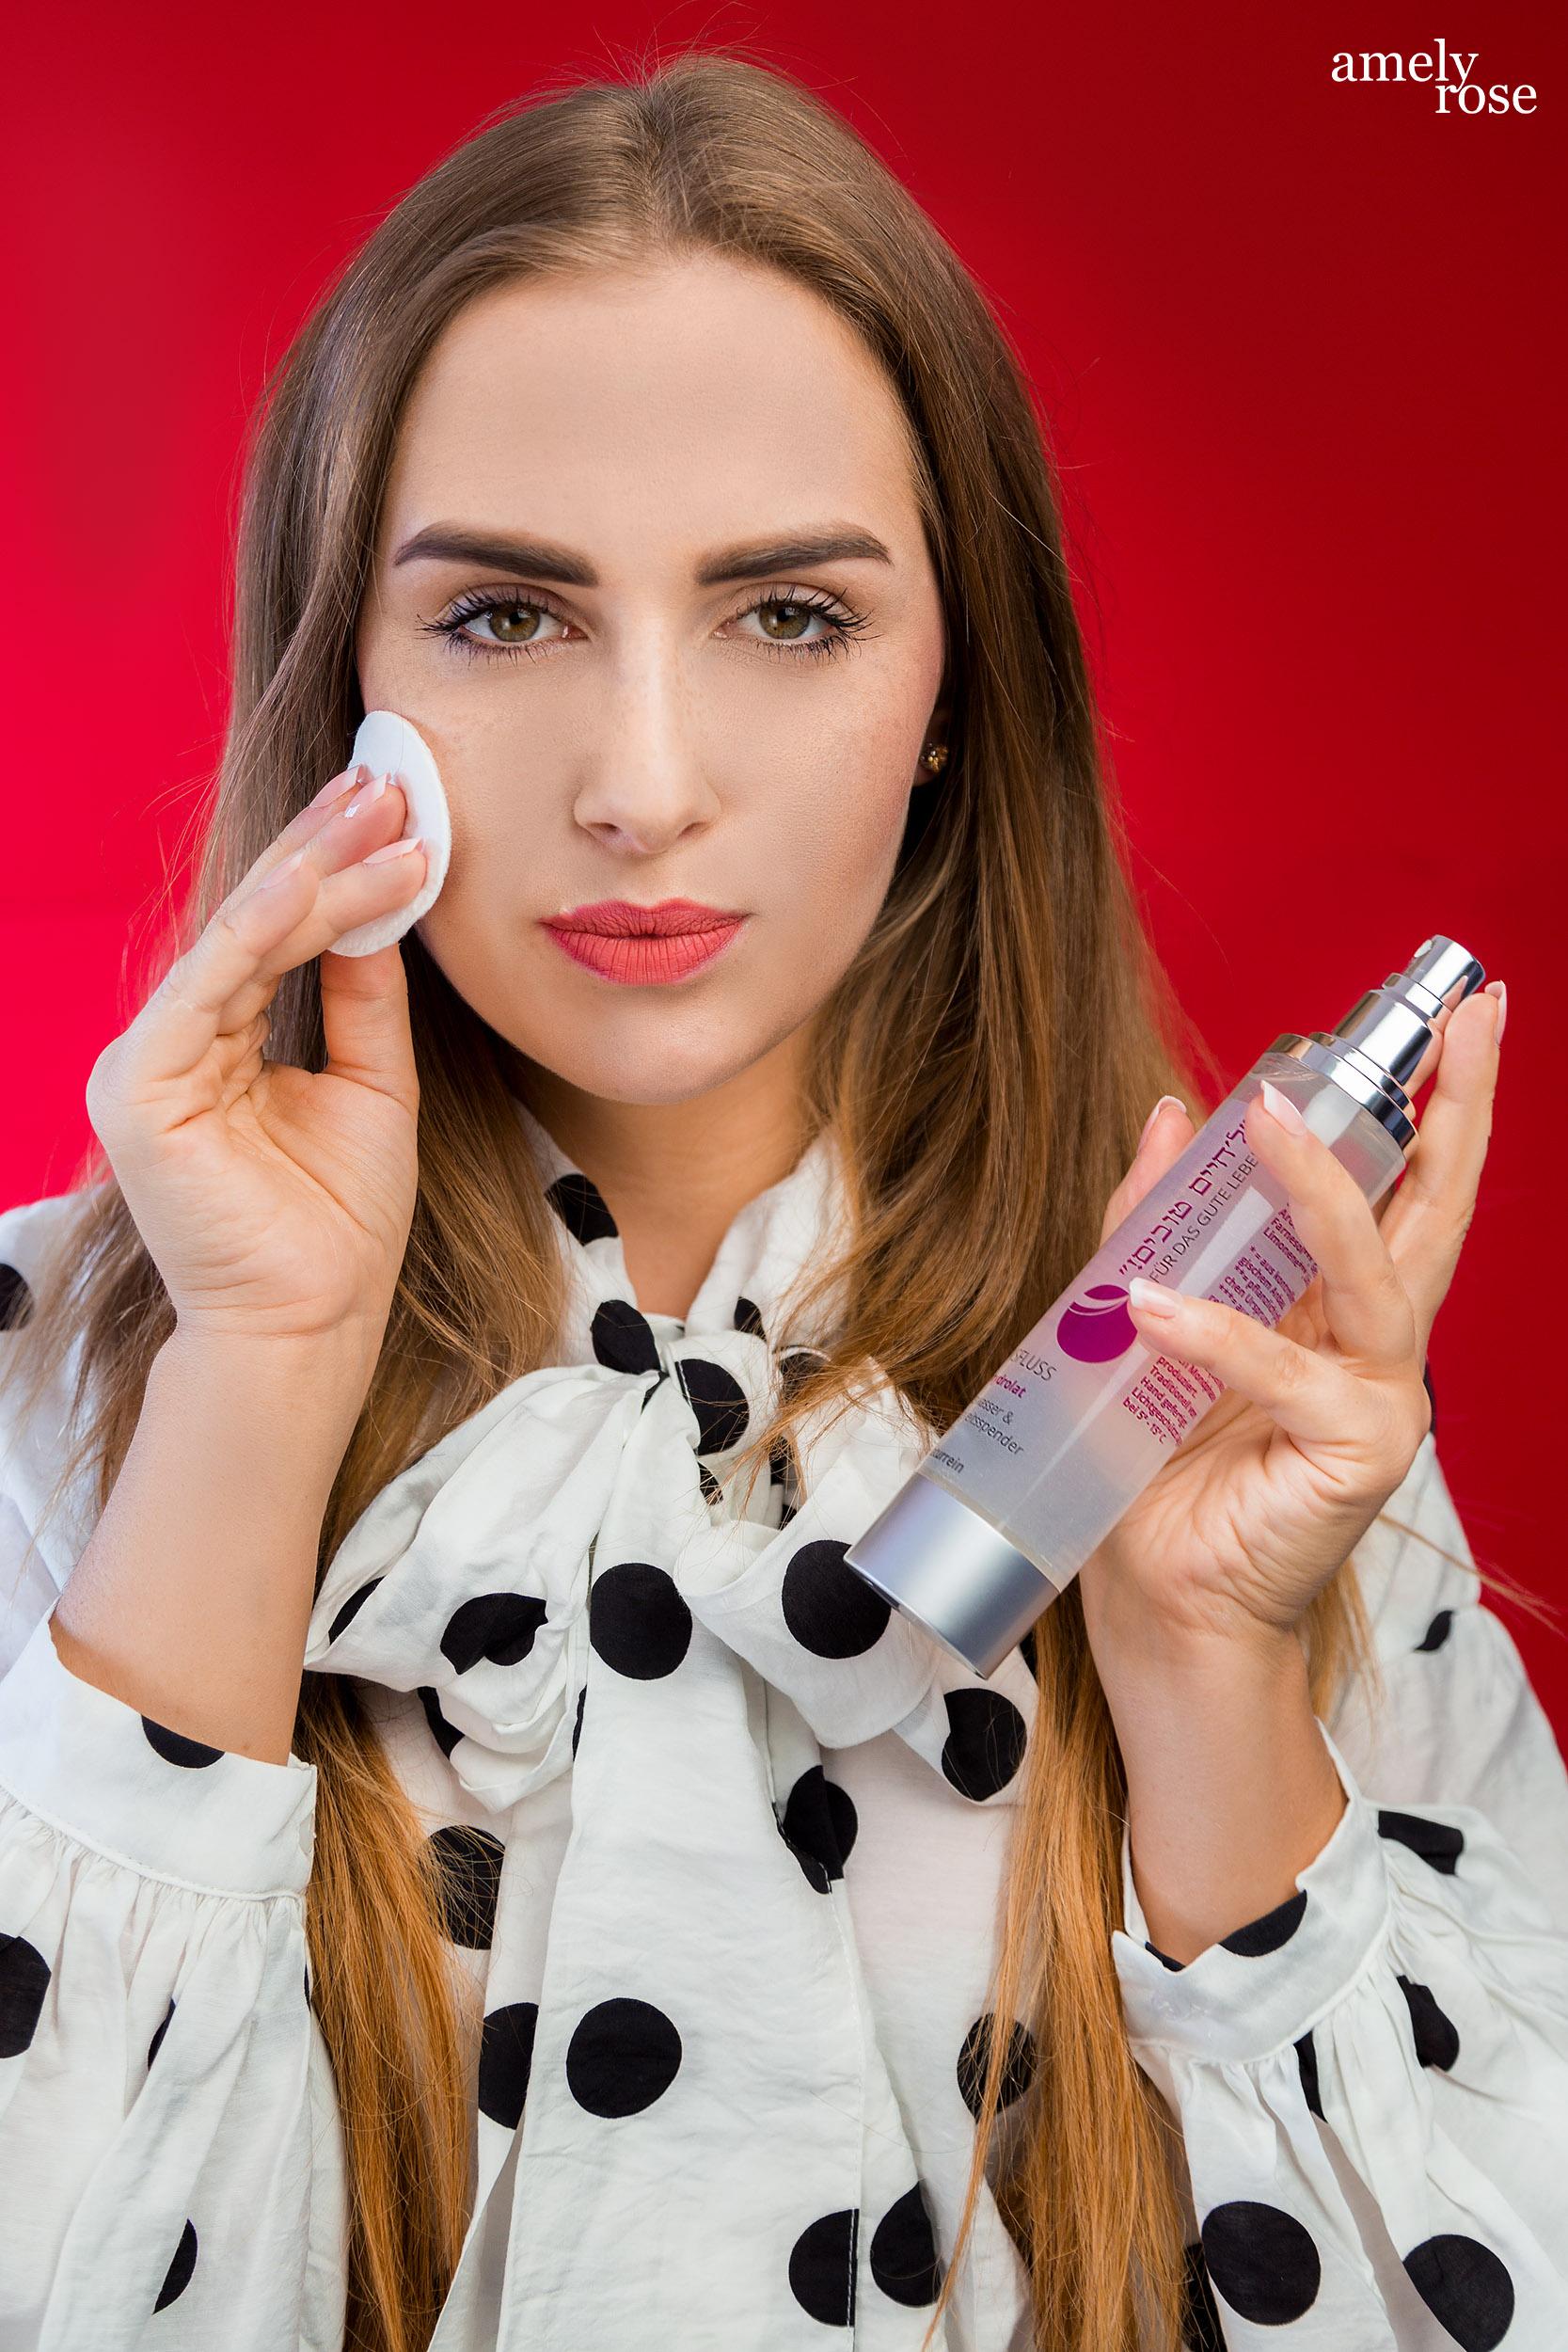 [:de]Meine Naturkosmetik-Beautyprodukte | das geht unter die Haut[:en]My Natural Cosmetic Beautyproducts | this gets under the skin [:]